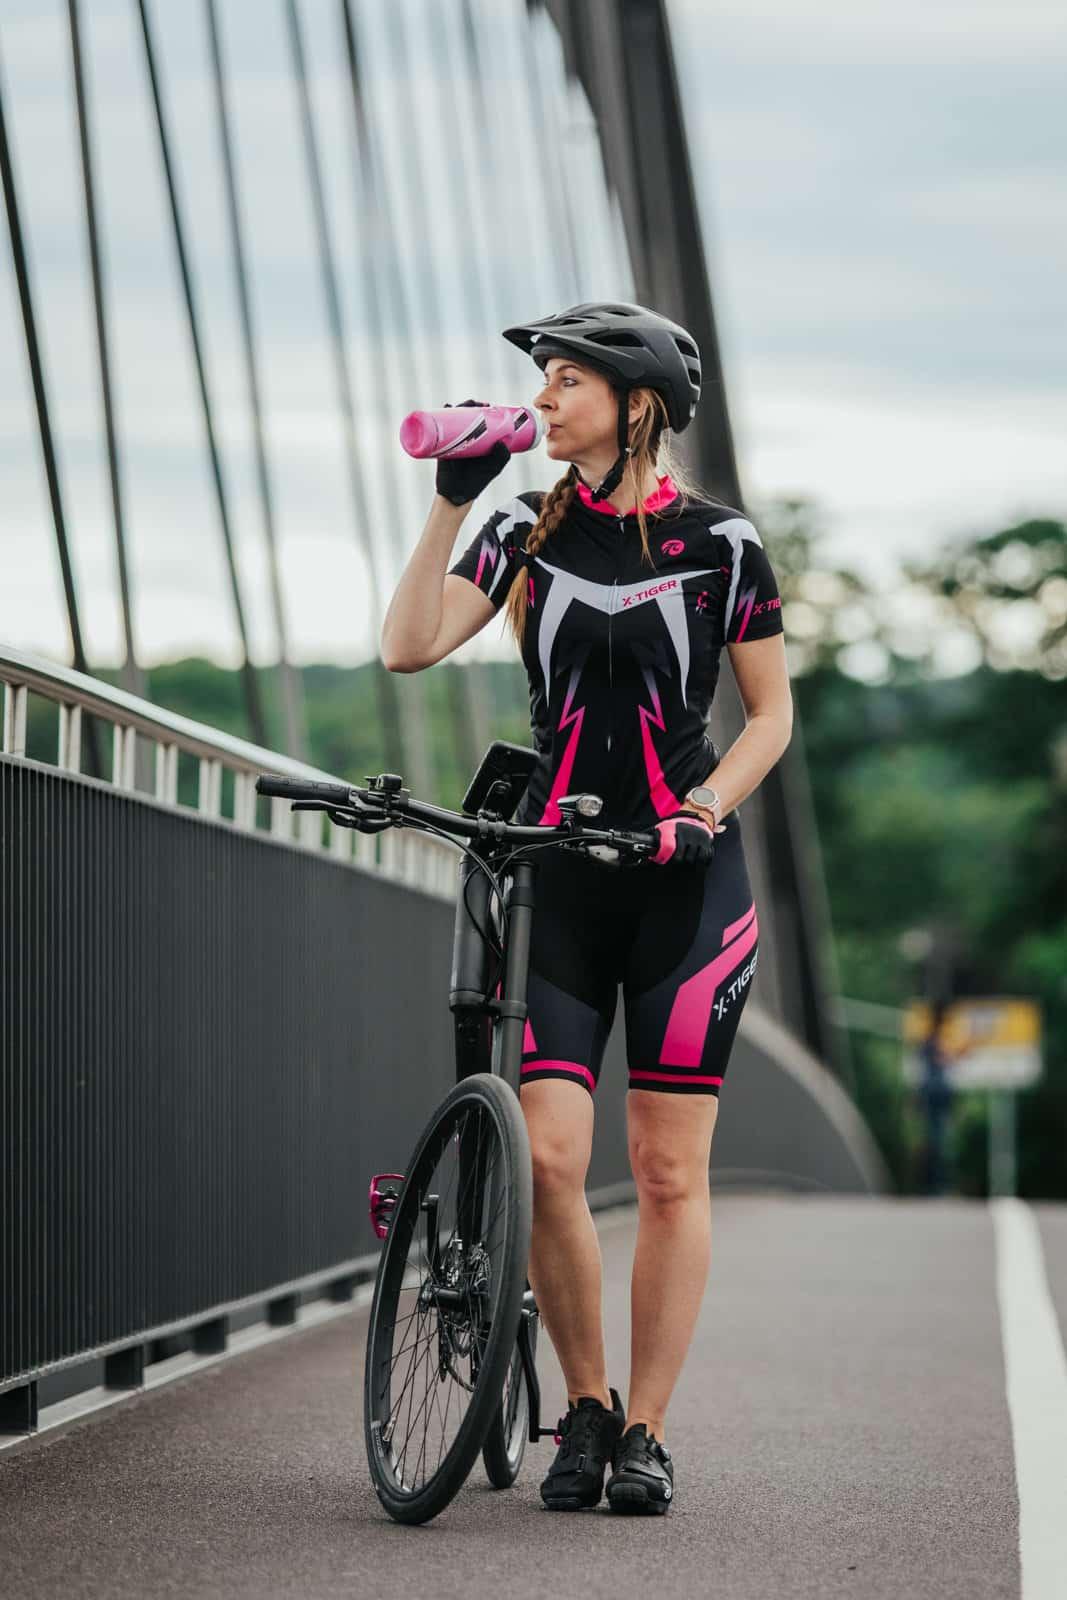 Frau trinkt aus ihrer pinken Fahrradflasche